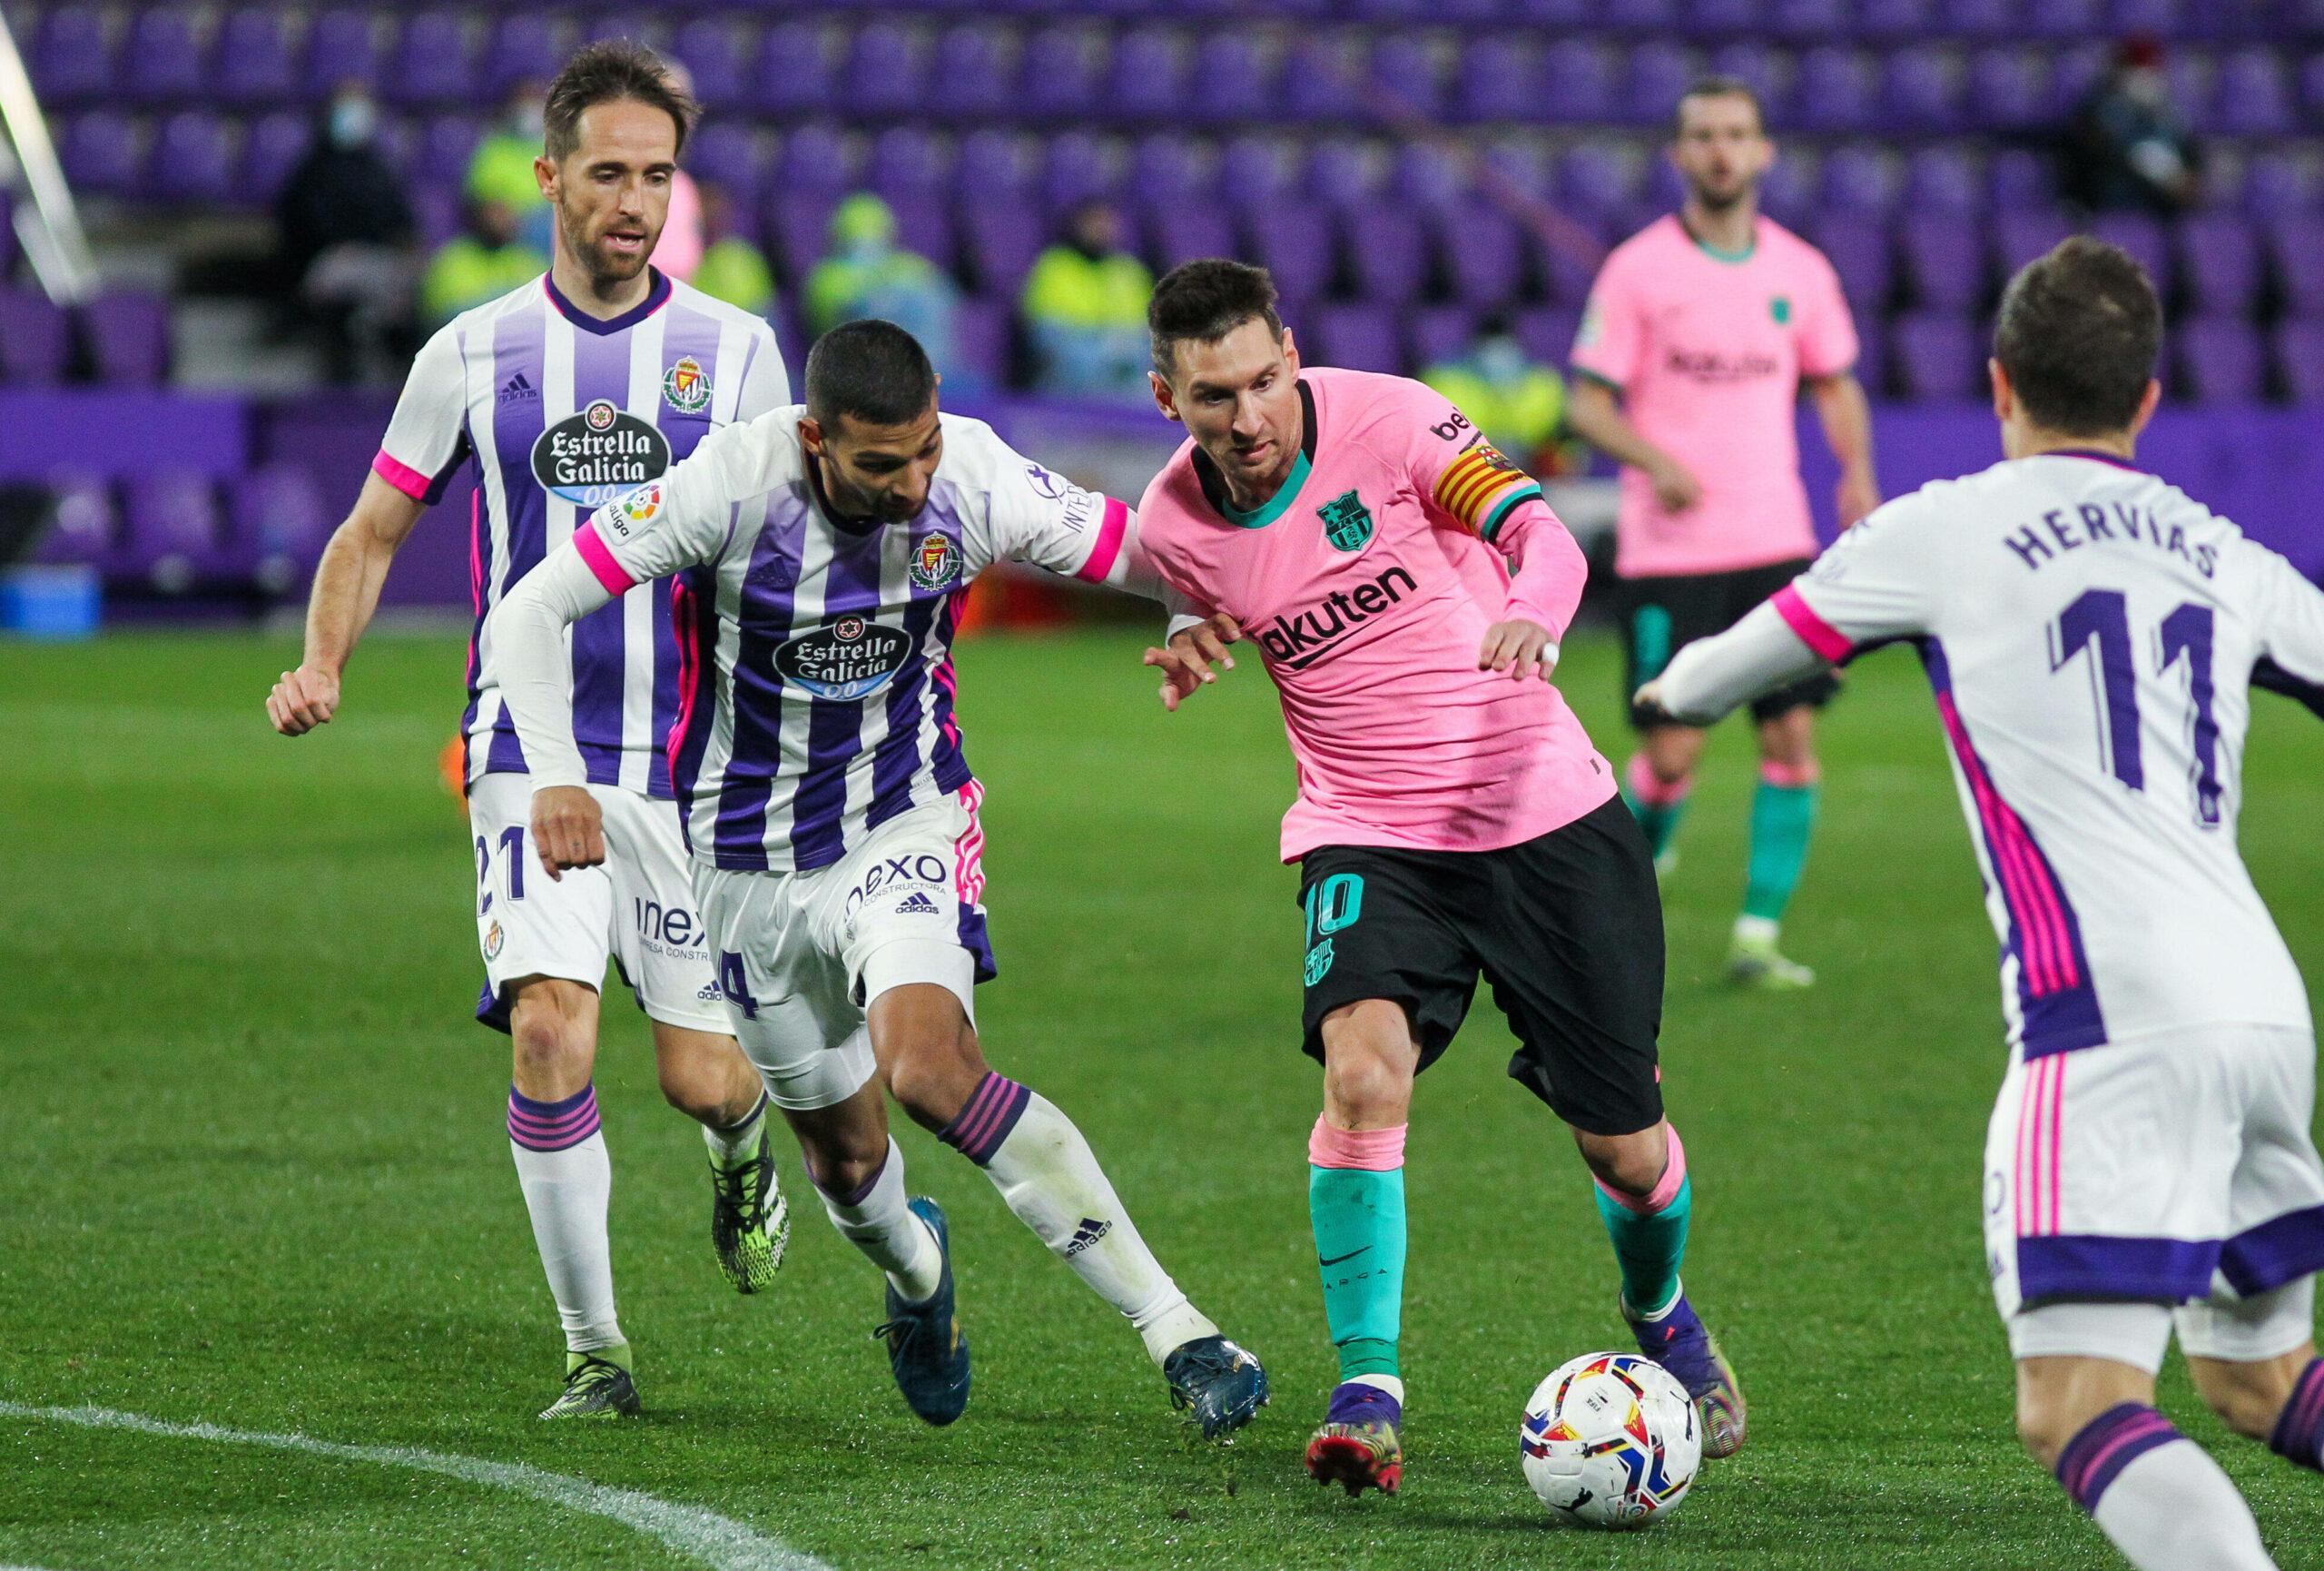 Messi im Zweikampf mit Valladolid-Verteidiger